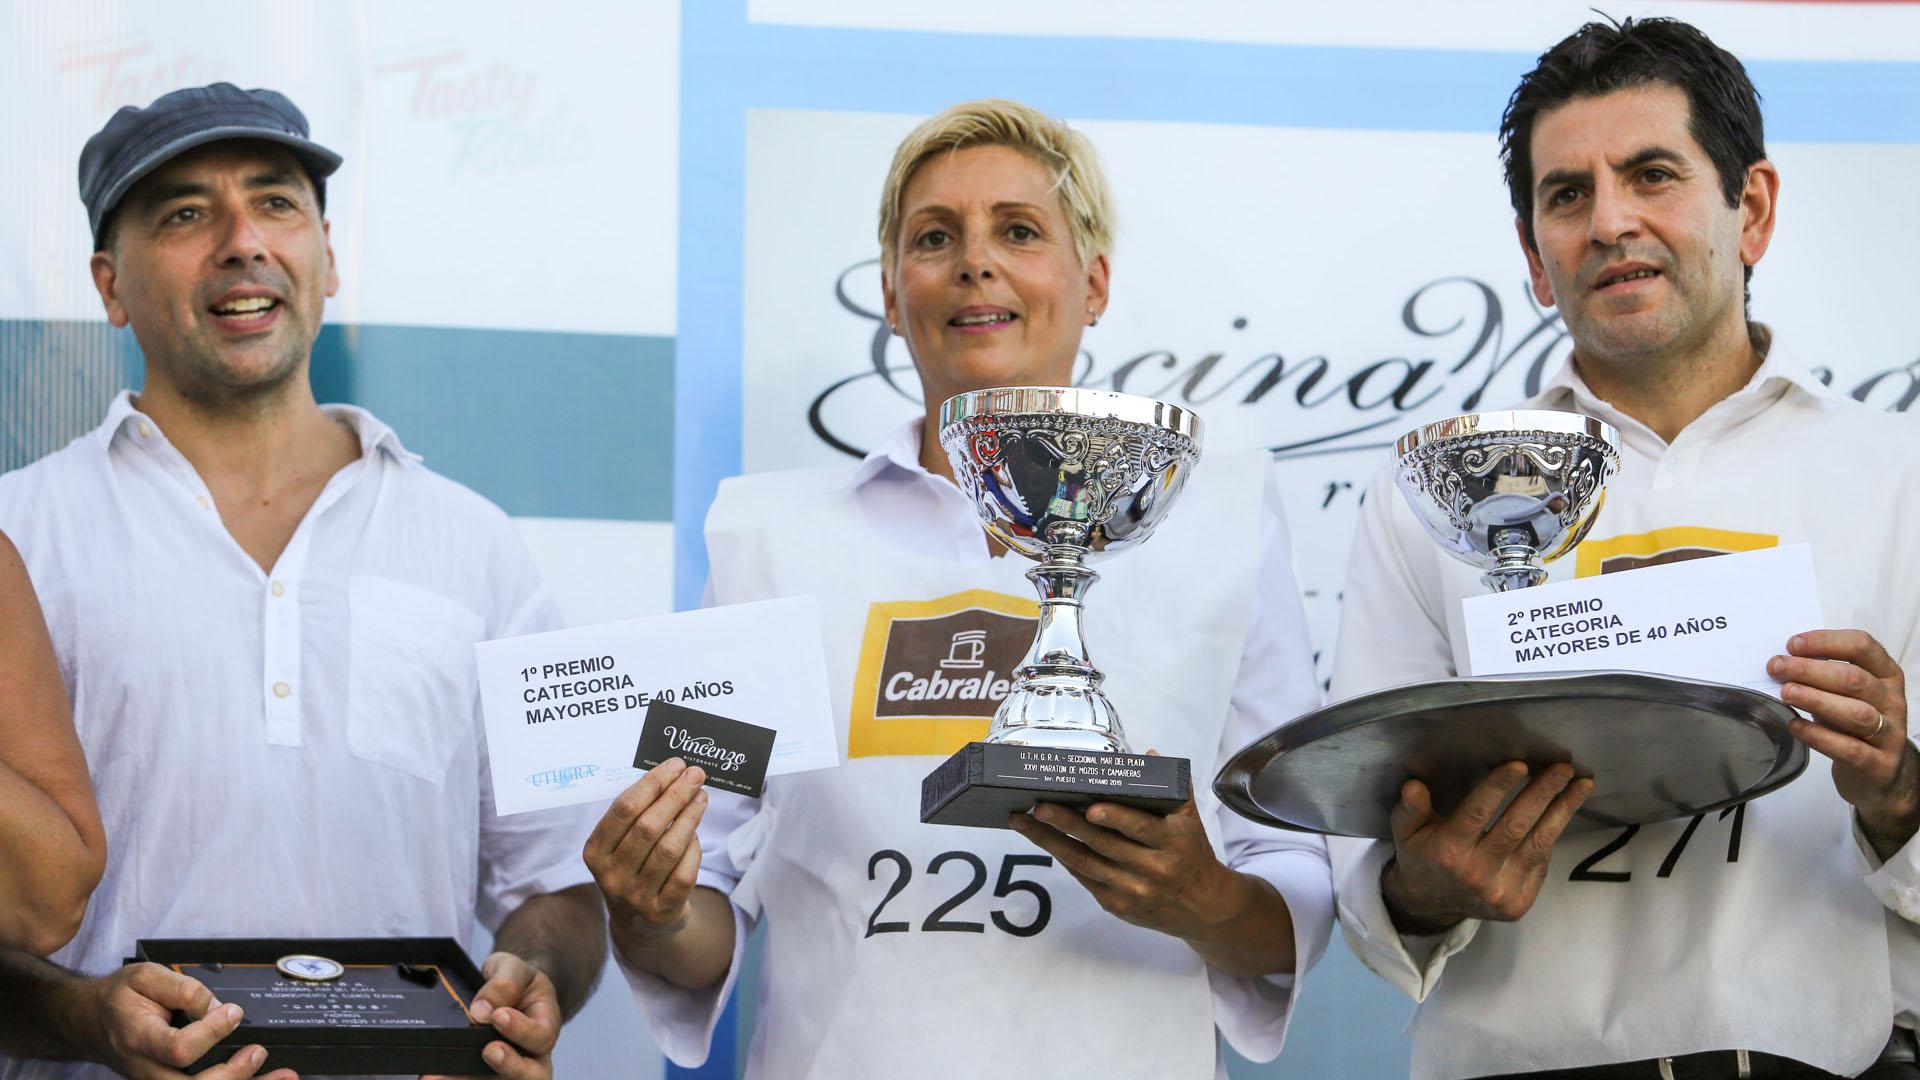 Todos los ganadores se llevaron sus copas y premios de los sponsor de la prueba: $3.000 para el primero, $2.500 para el segundo y $2.000 para el tercero